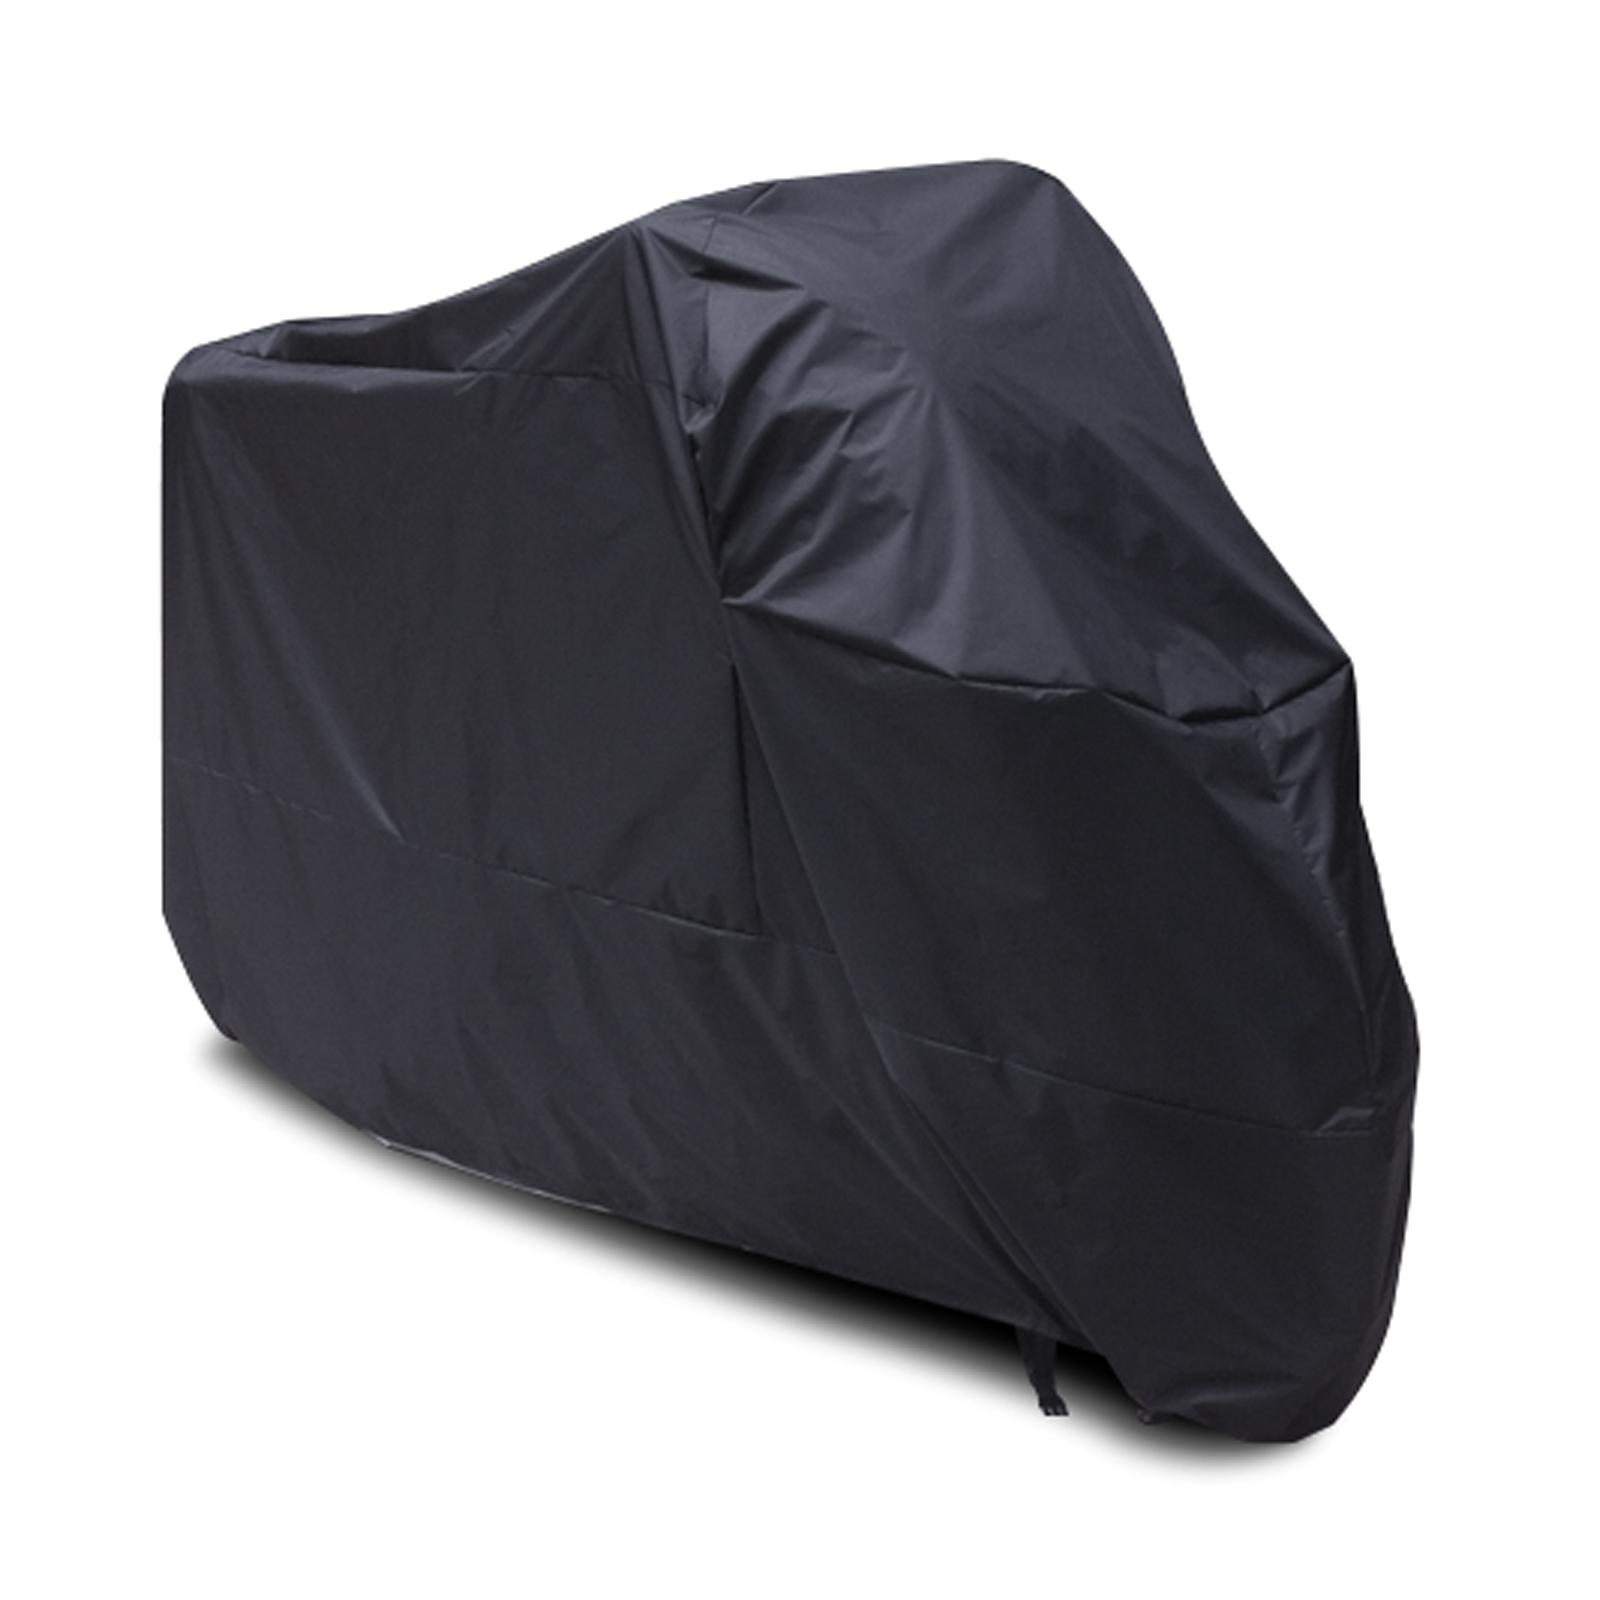 Taille xxl noir housse de protection moto scooter oxford for Bache moto exterieur